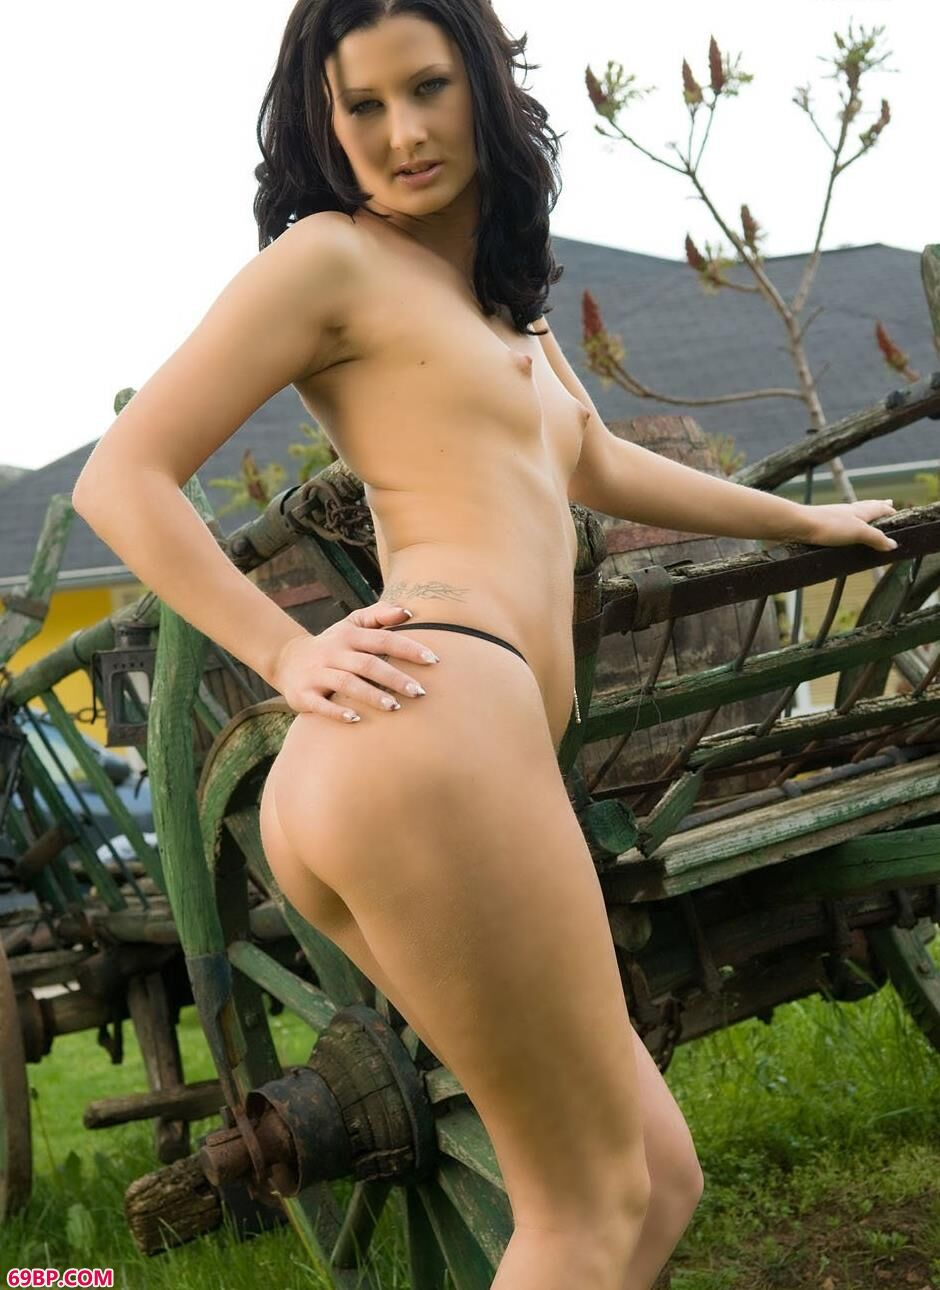 金子熙_美模Eden在农场酒庄里的性感人体2